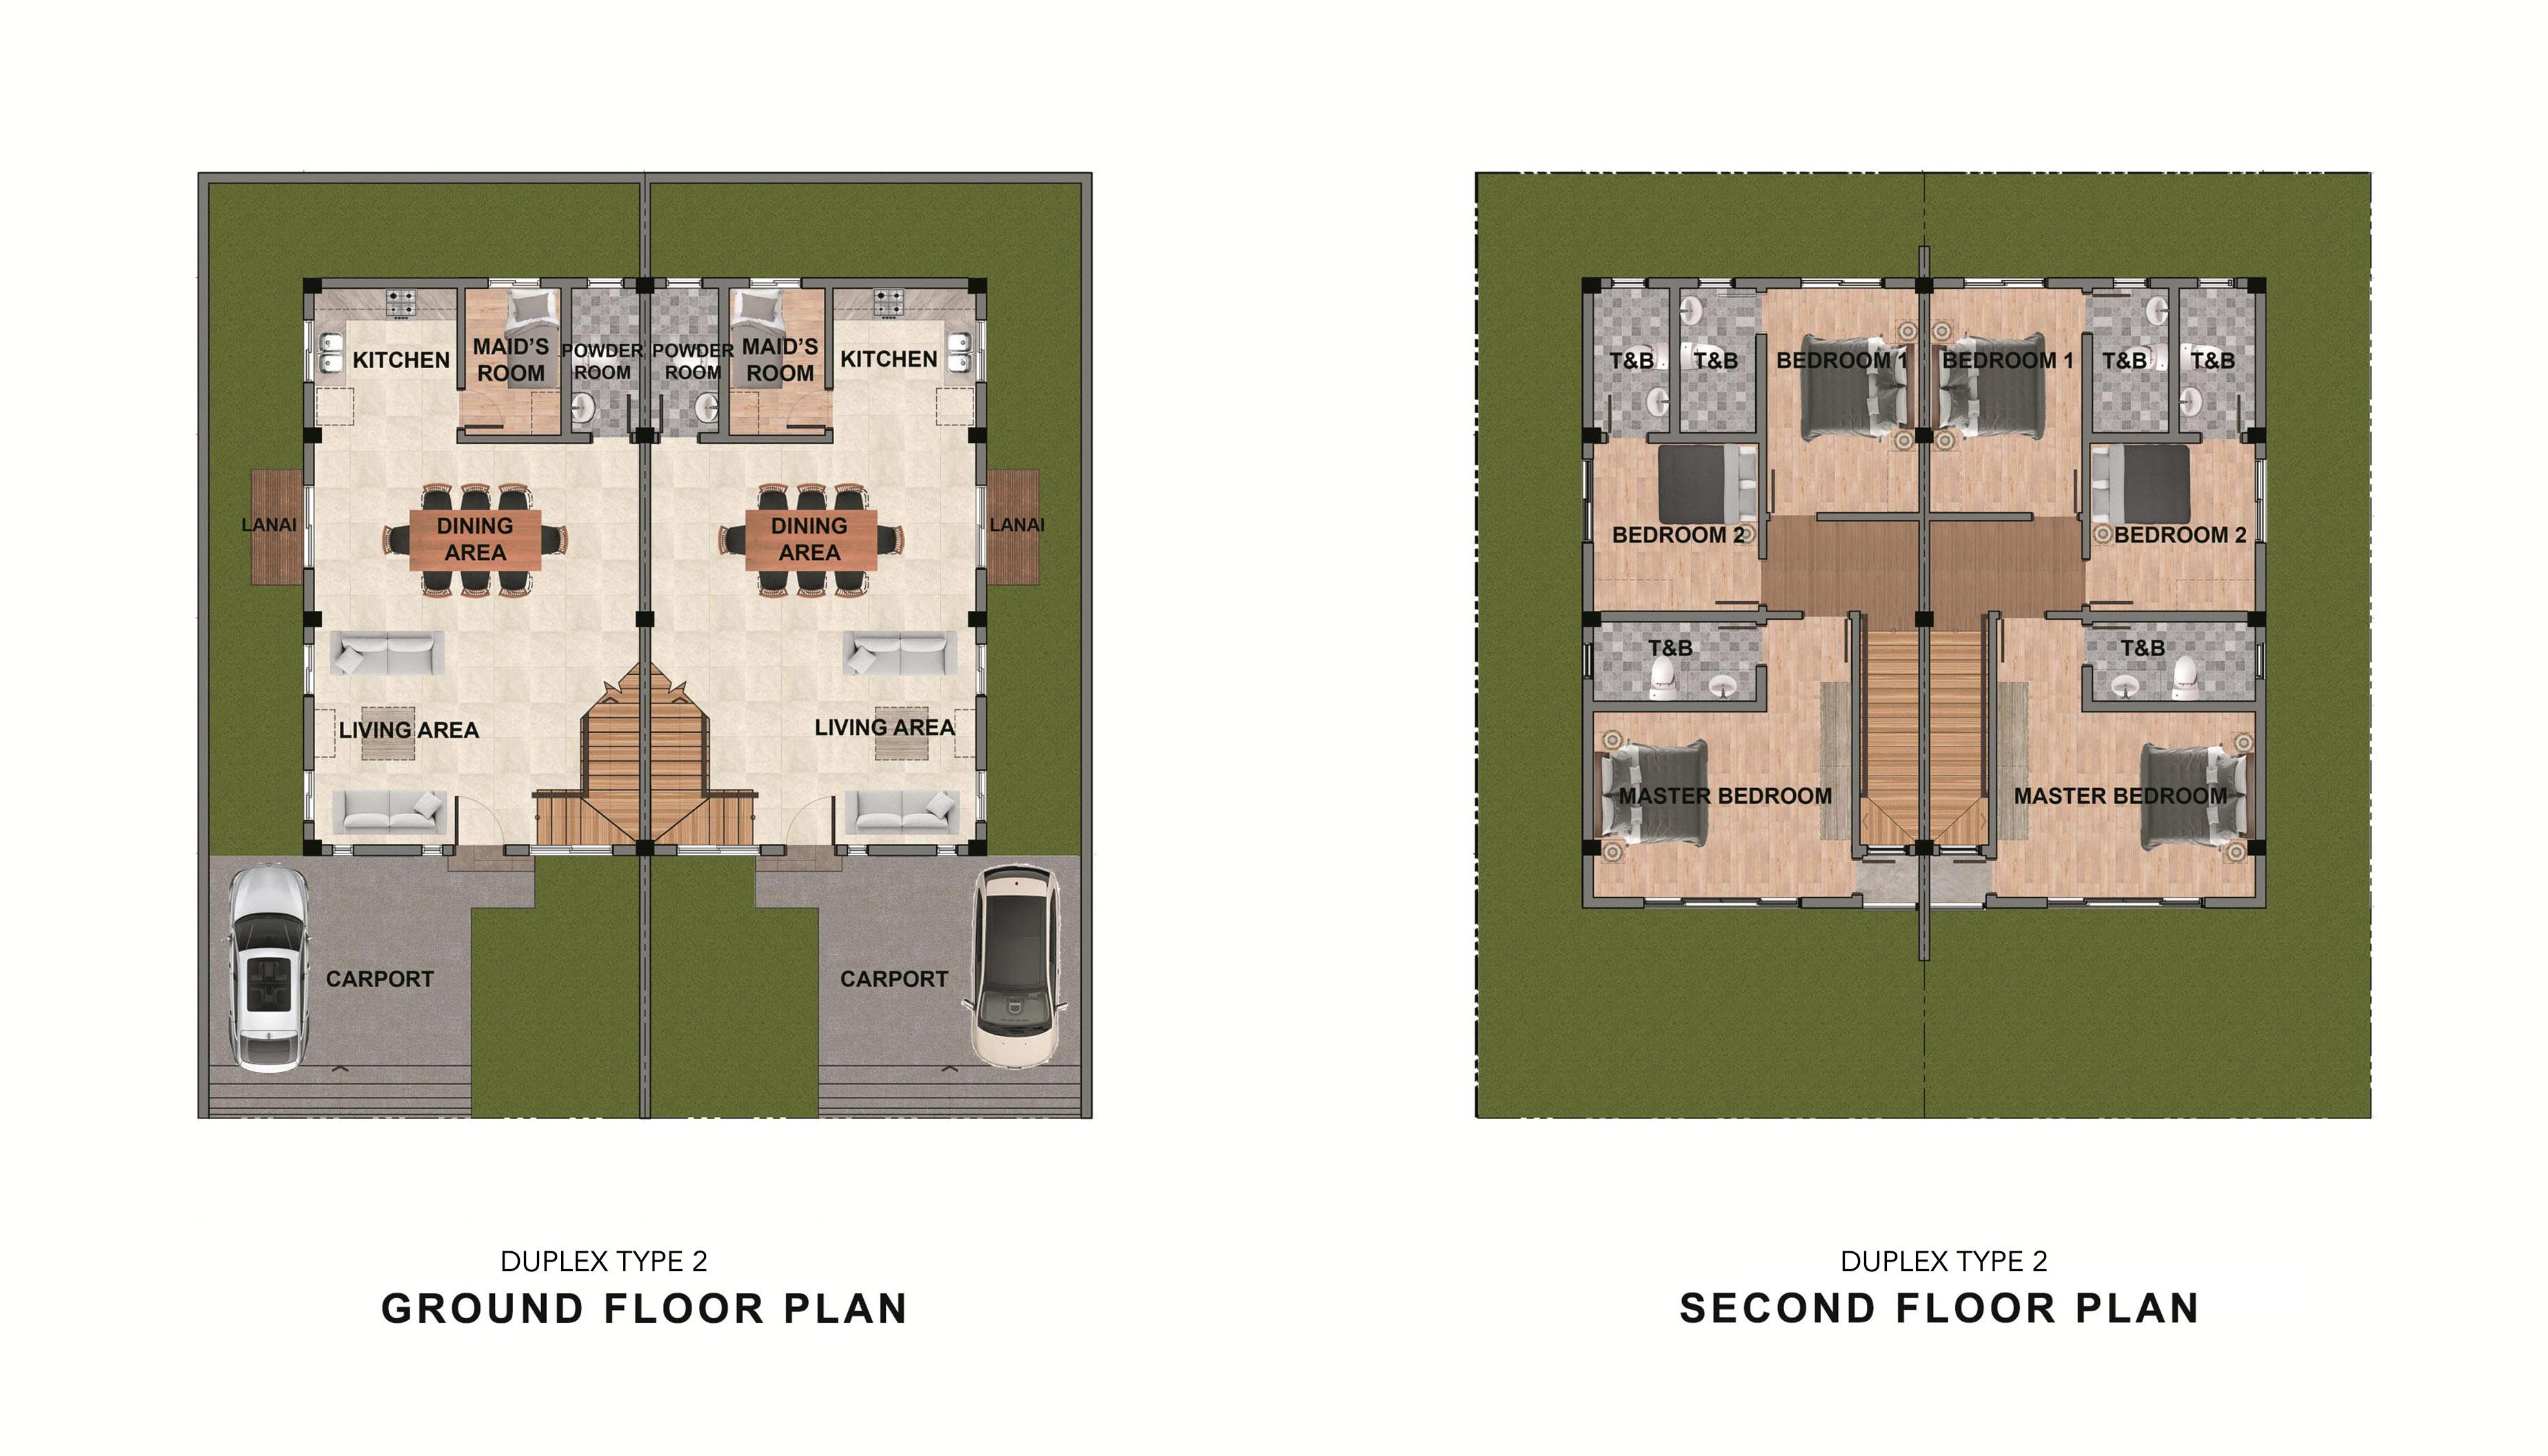 Duplex Type 2 Floor Plan